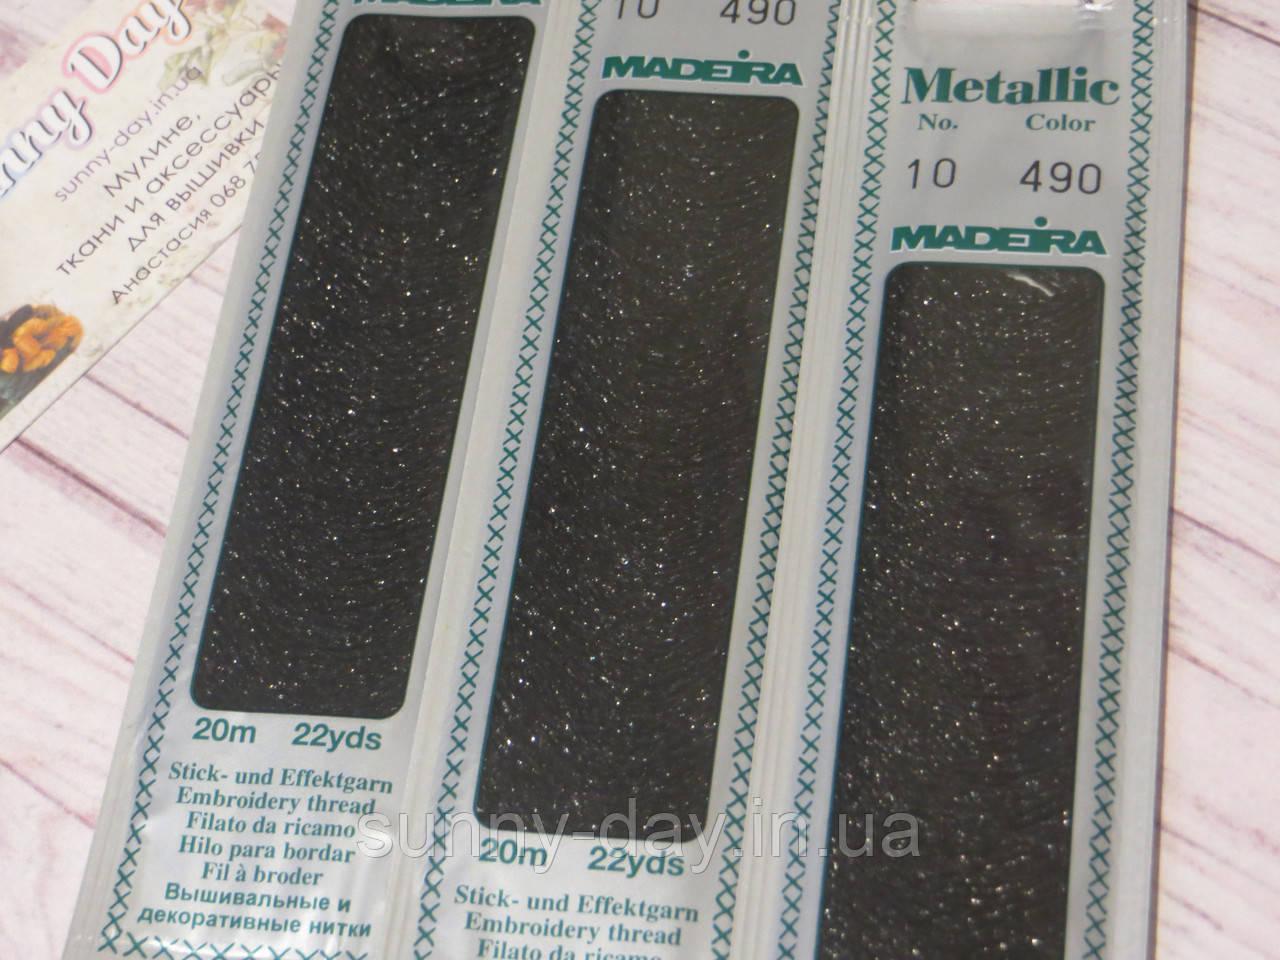 Madeira Metallic Perle №10 , цвет 490